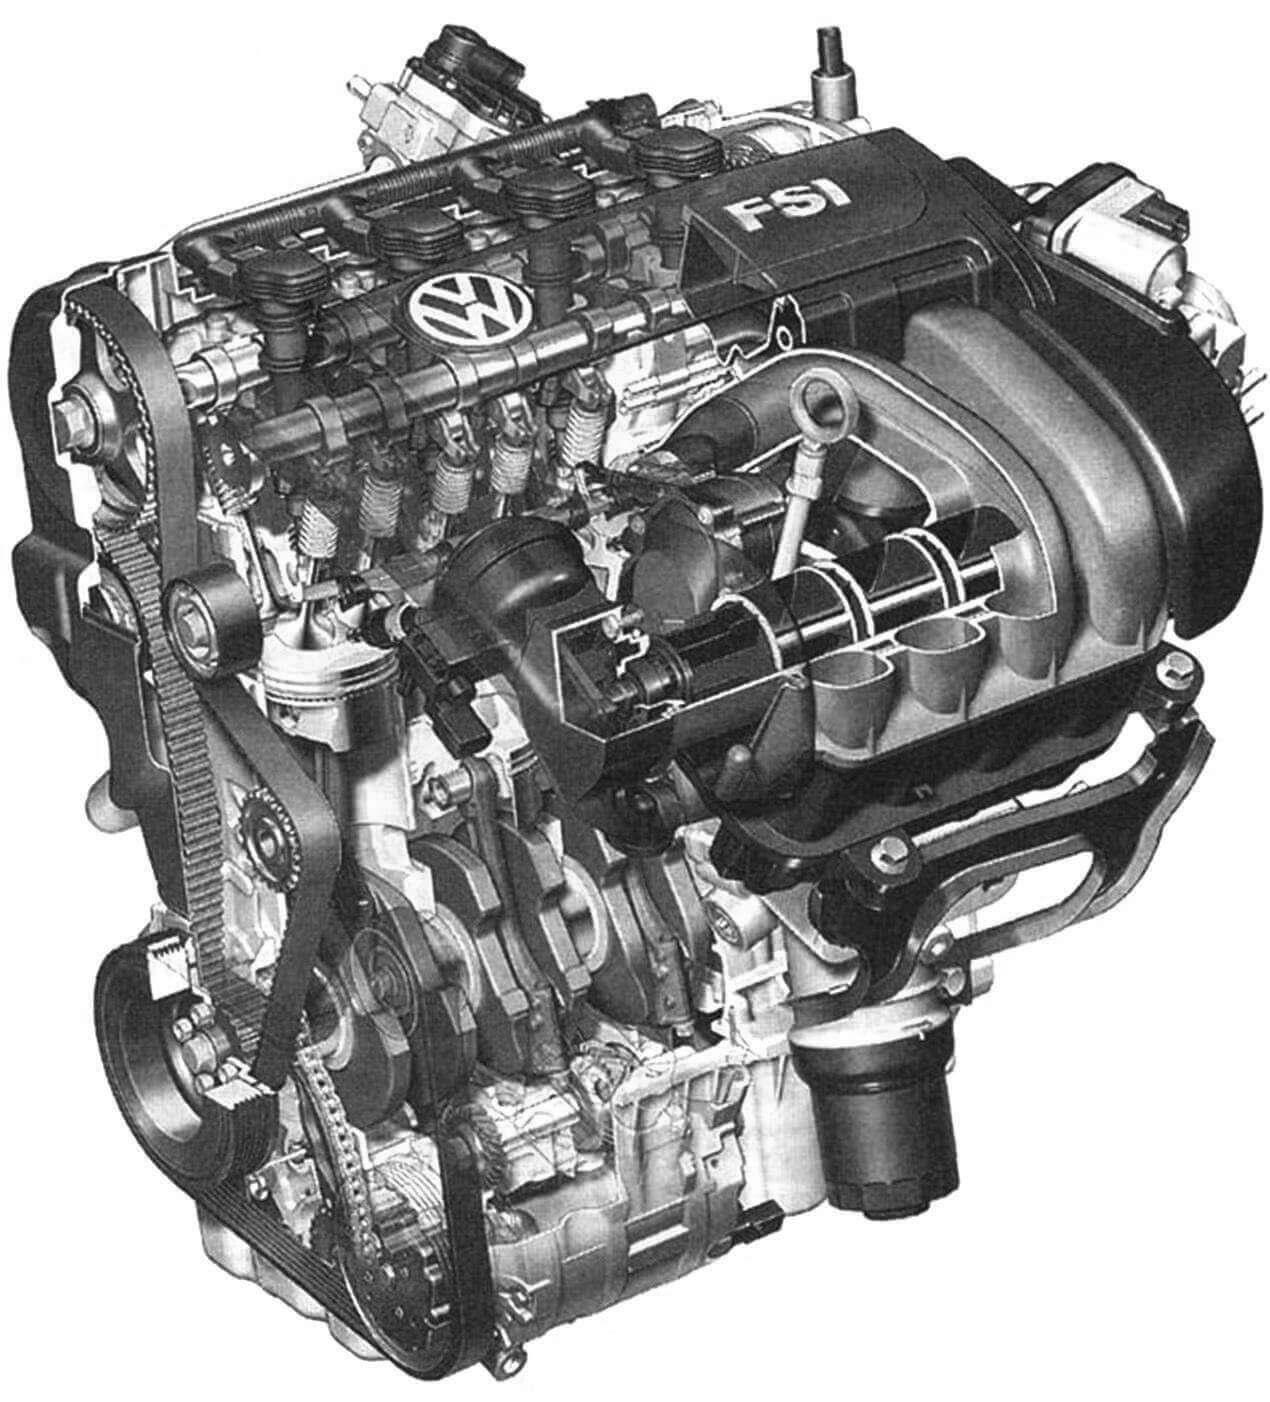 Для VW Golf V разработаны новые экономичные и экологичные двигатели FSI с непосредственным впрыском топлива, способные работать на сверхобеднённой горючей смеси